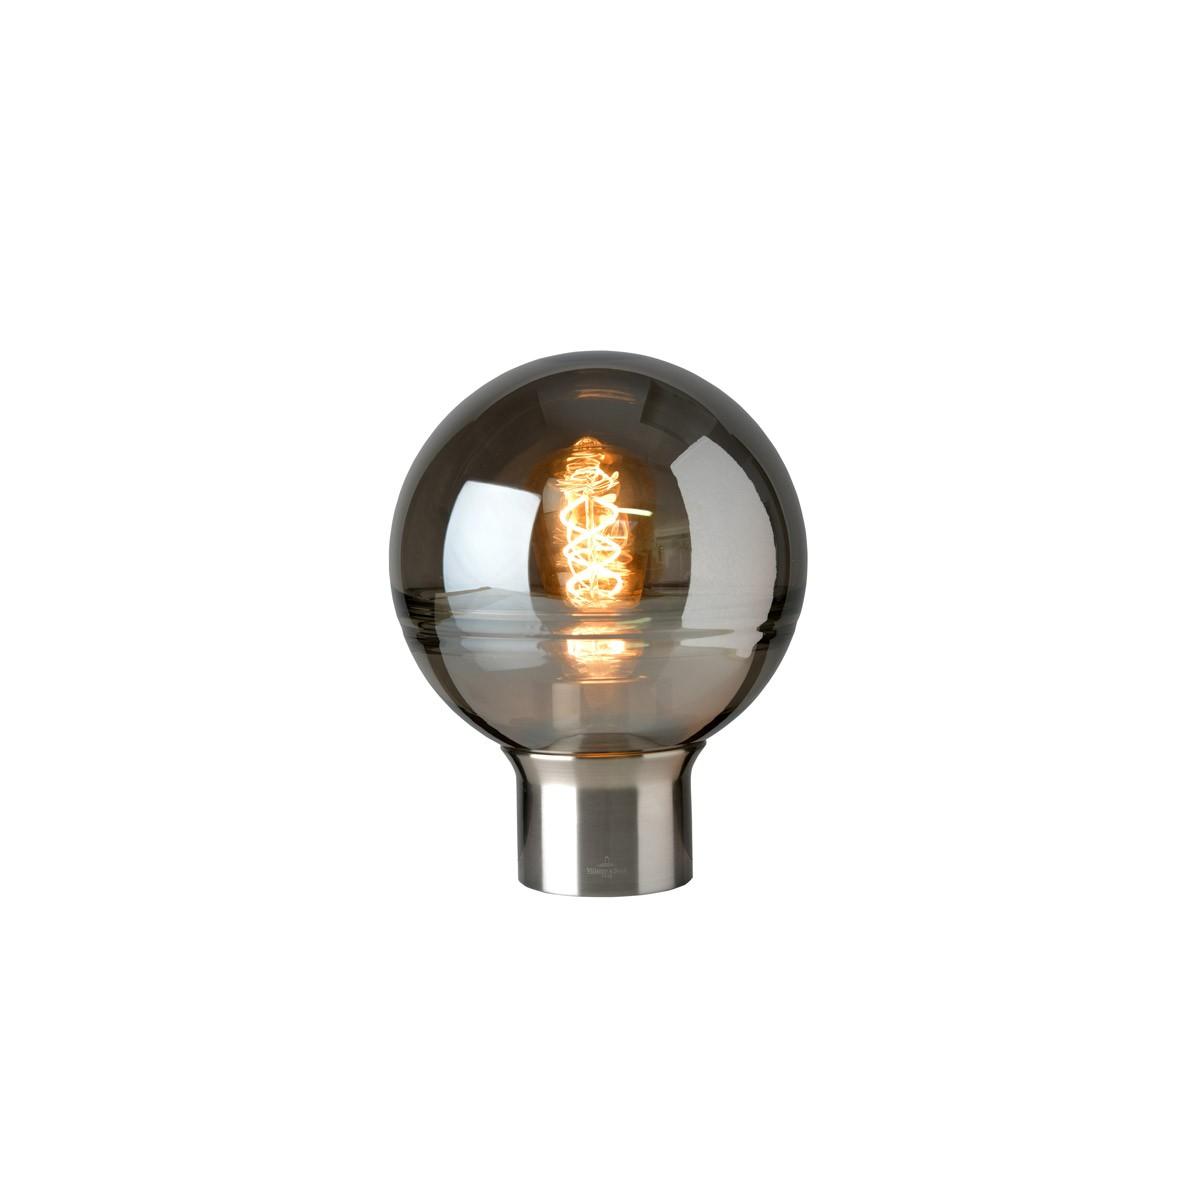 Villeroy & Boch Tokio Tischleuchte, Höhe: 24 cm, Metall: satin, Glas: rauchfarben